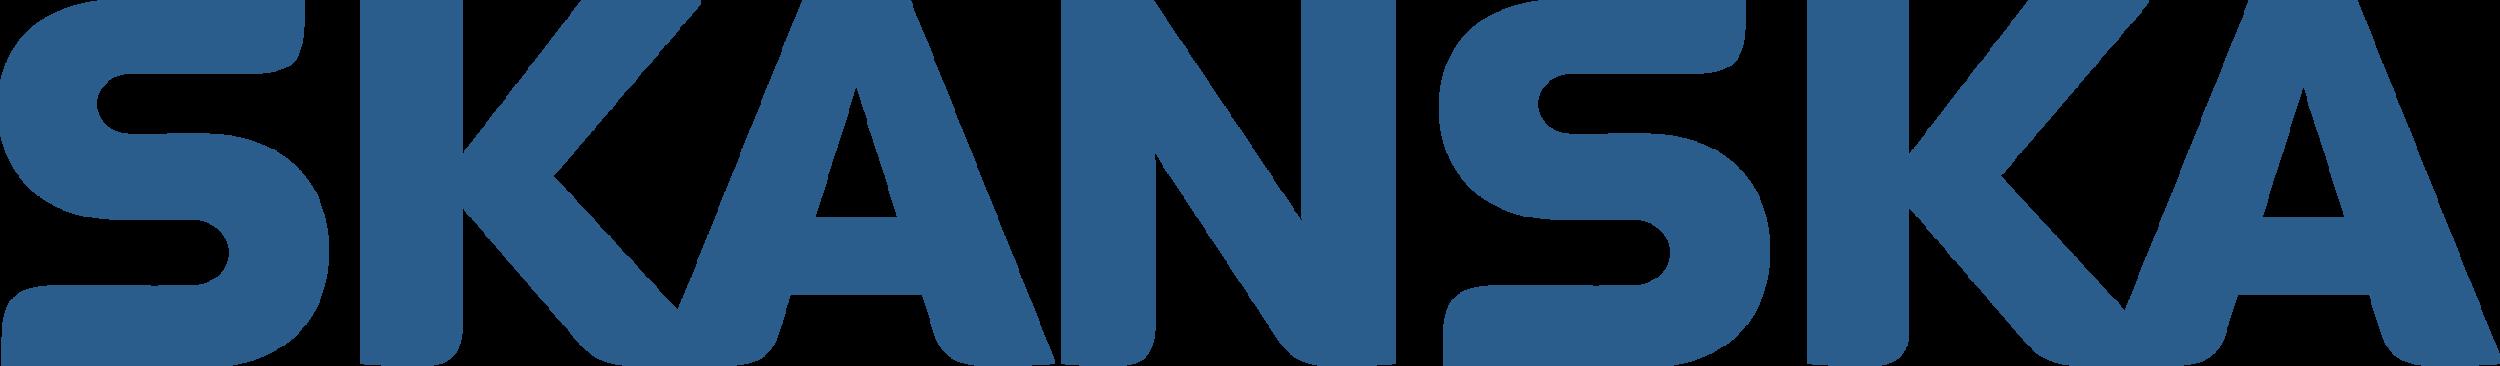 Skanska Logo.png